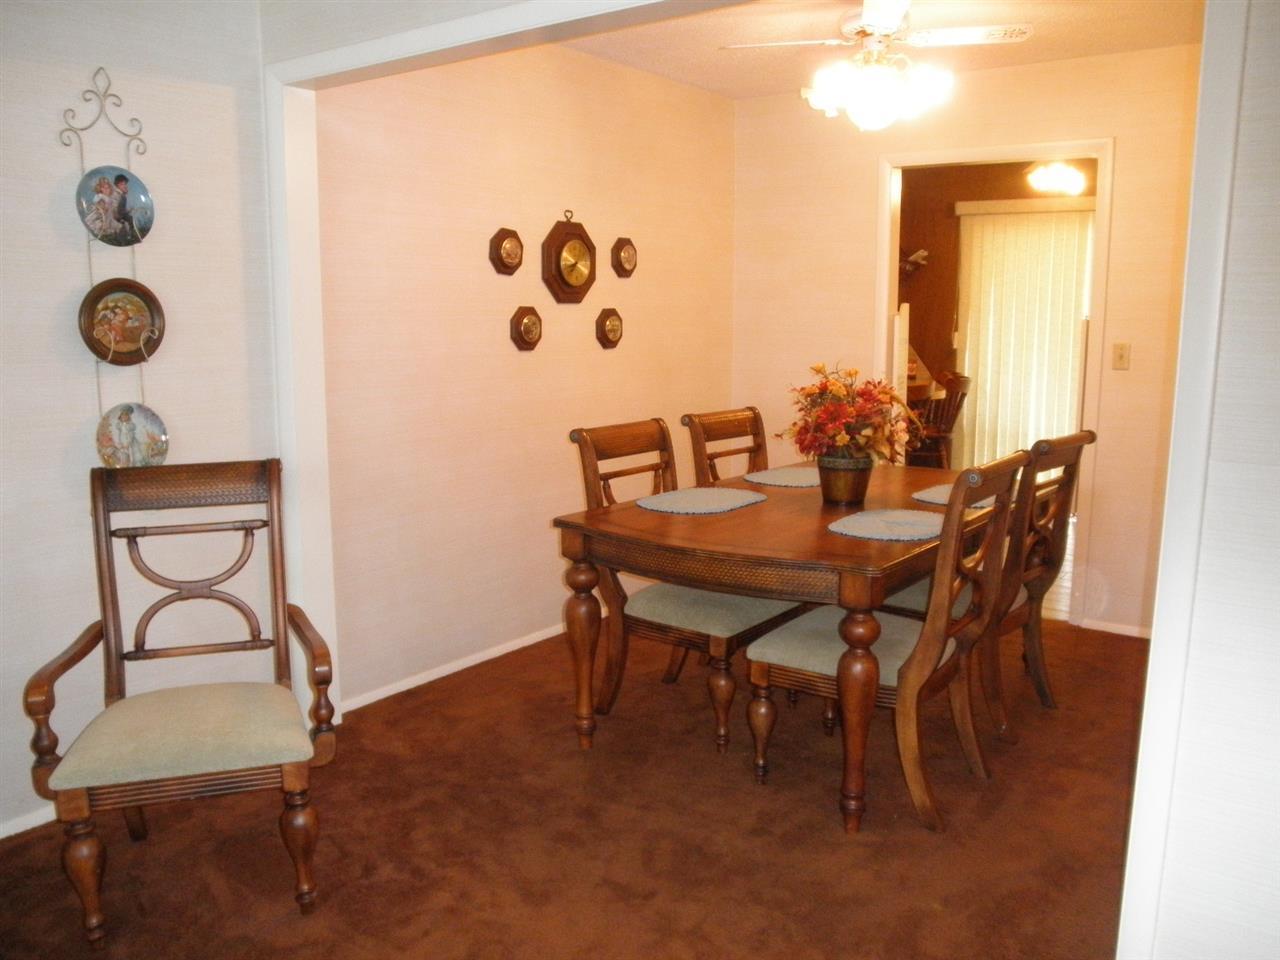 Sold Cross Sale W/ MLS | 1209 El Camino Ponca City, OK 74604 10